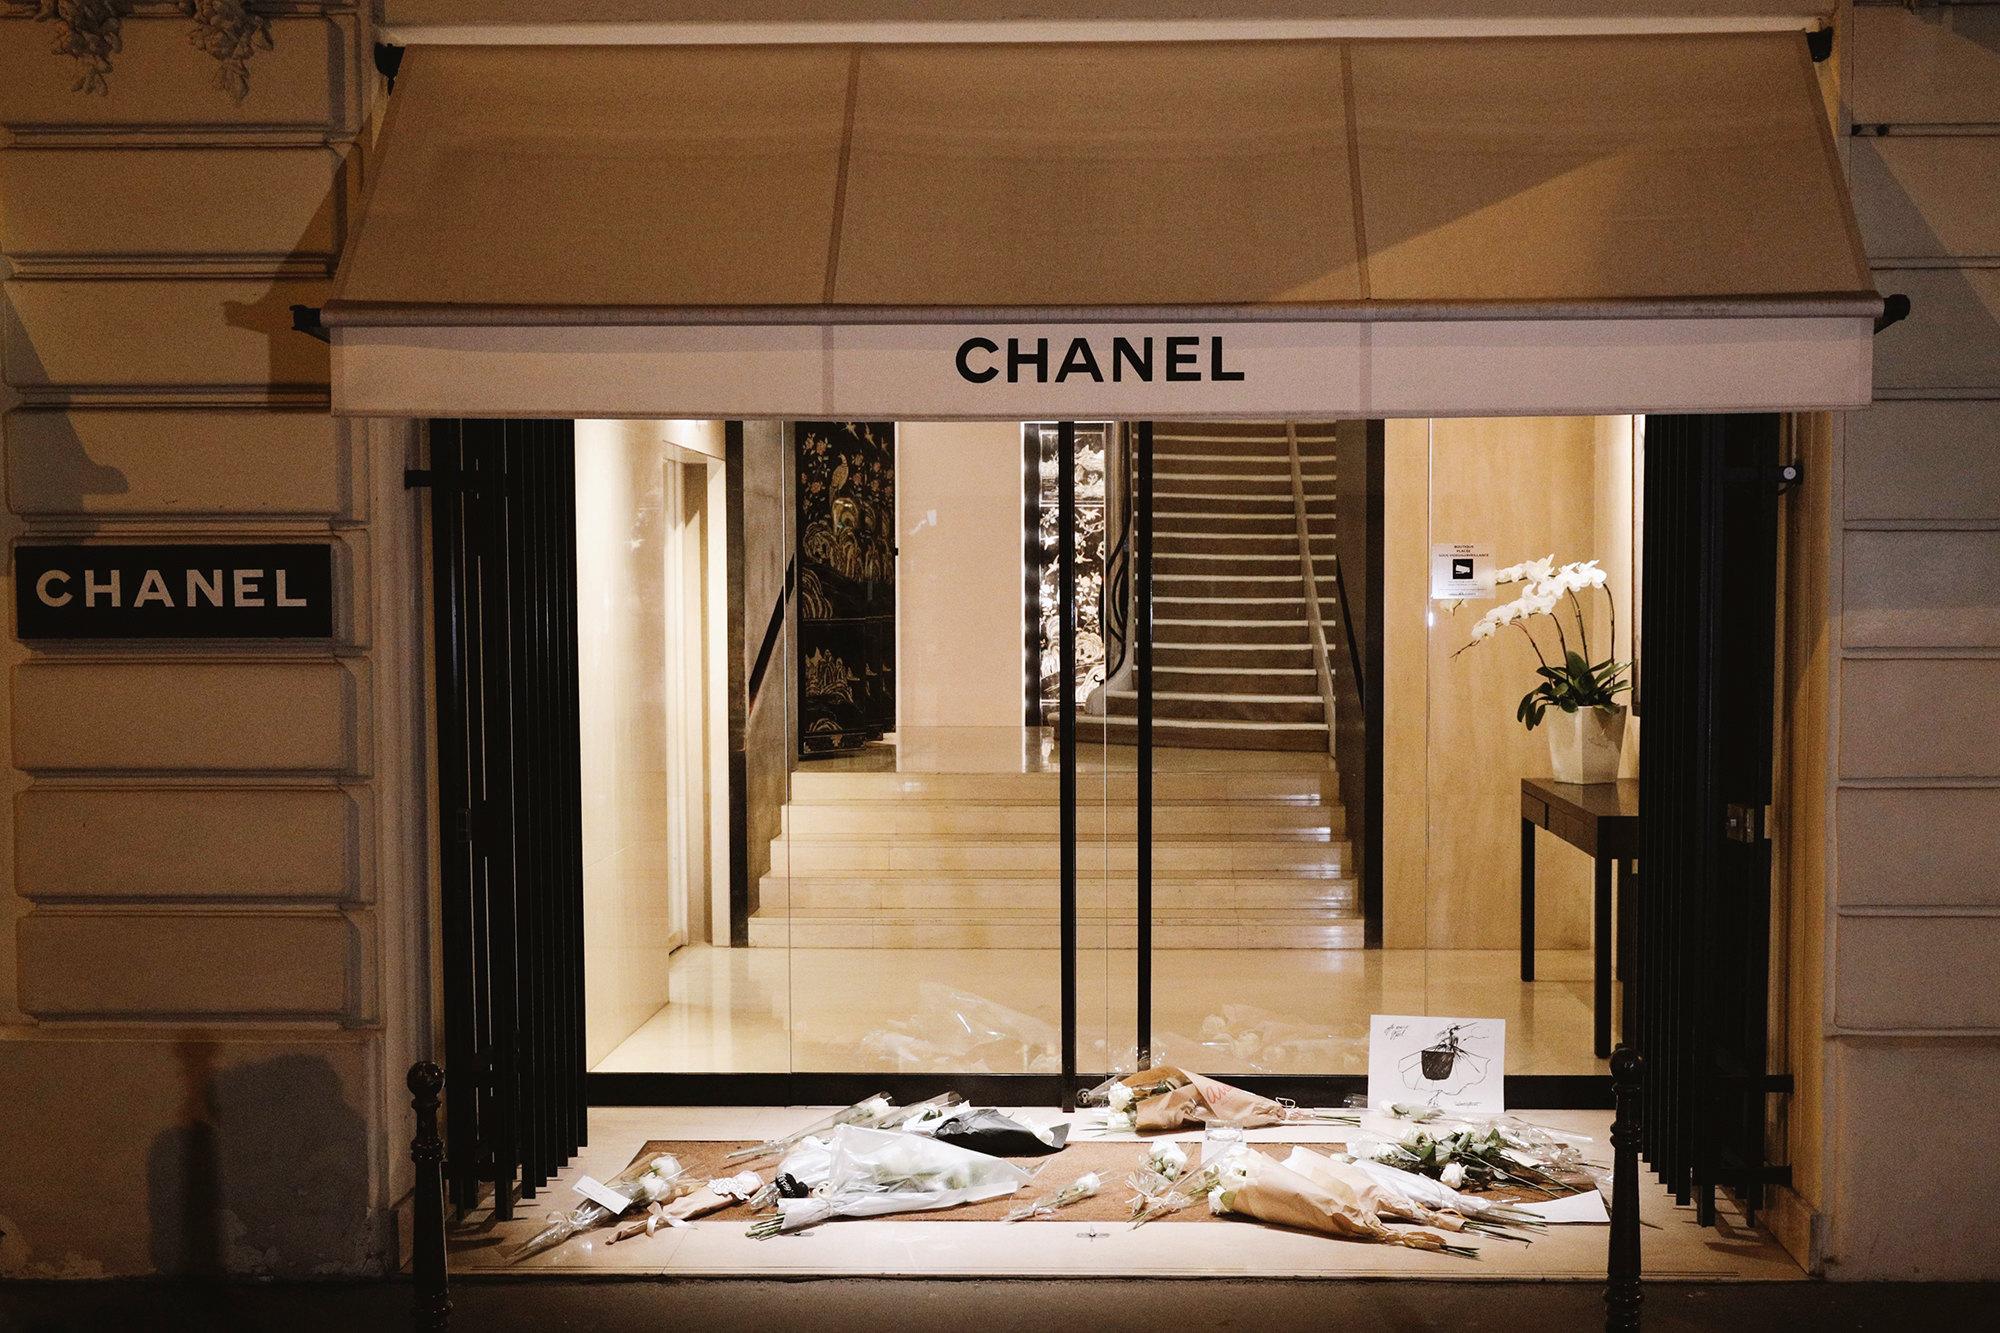 Цветы убутика Chanel вПариже впамять одизайнере Карле Лагерфельде, который скончался 19 февраля ввозрасте 85 лет. Лагерфельд был креативным директором модного дома с1982 года.